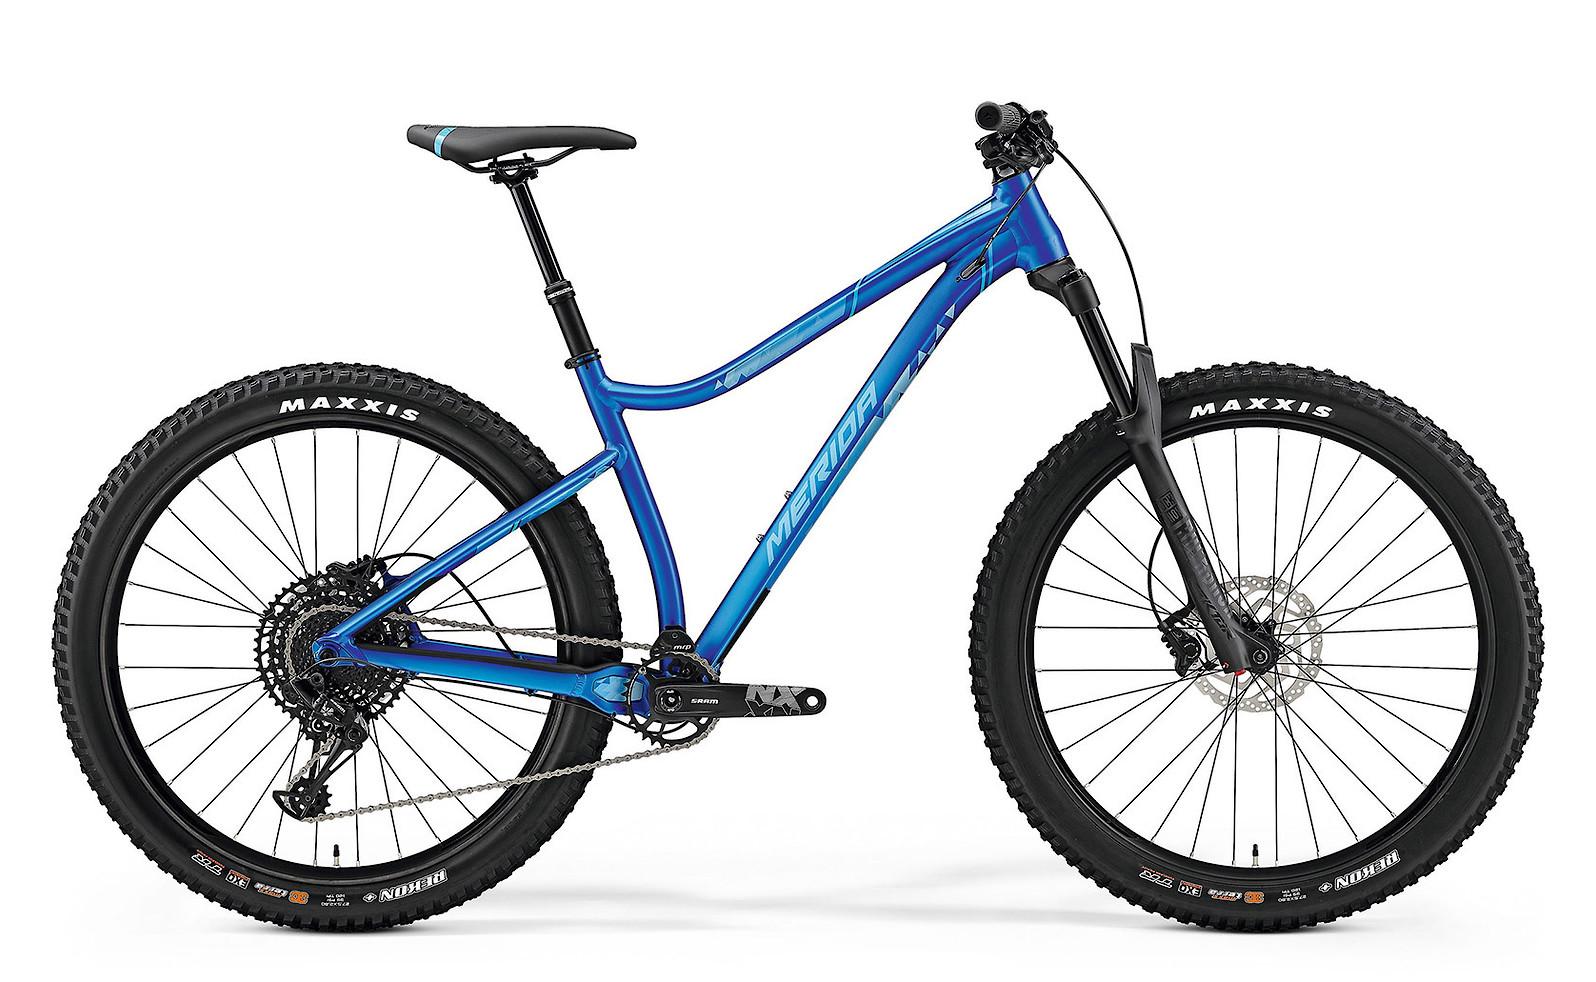 2019 Merida Big.Trail 600 Bike